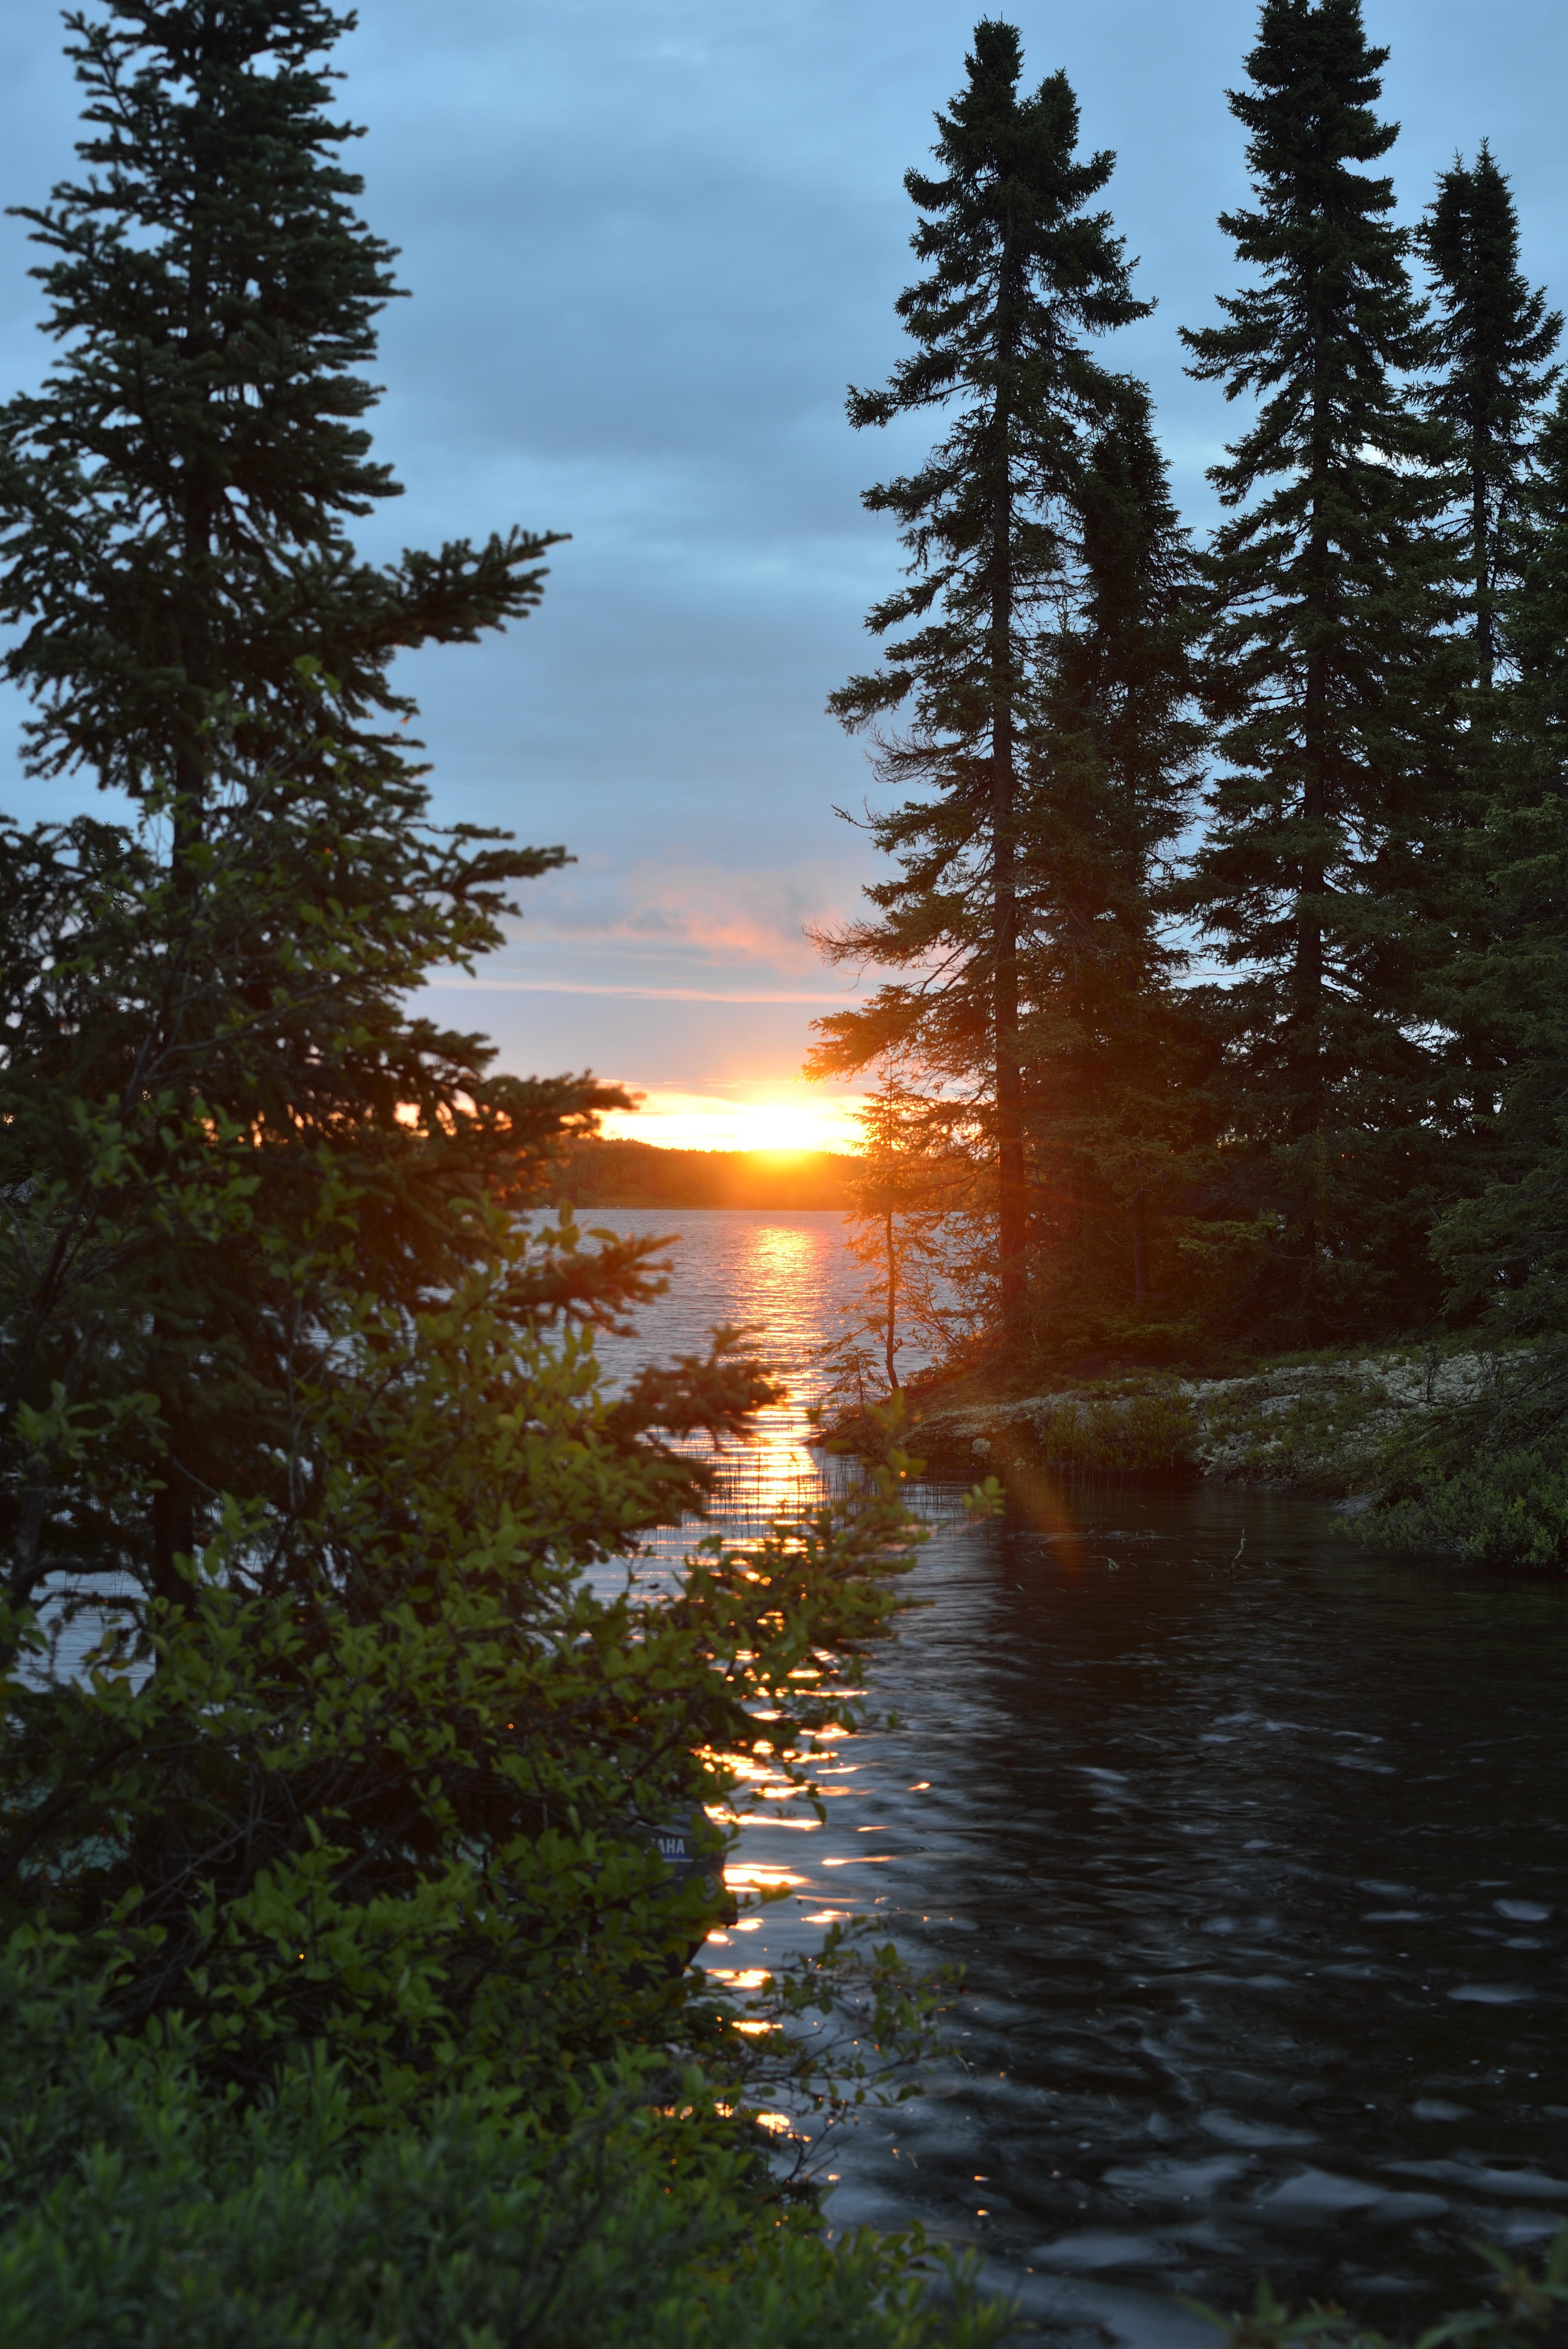 BFL orange sunset through trees